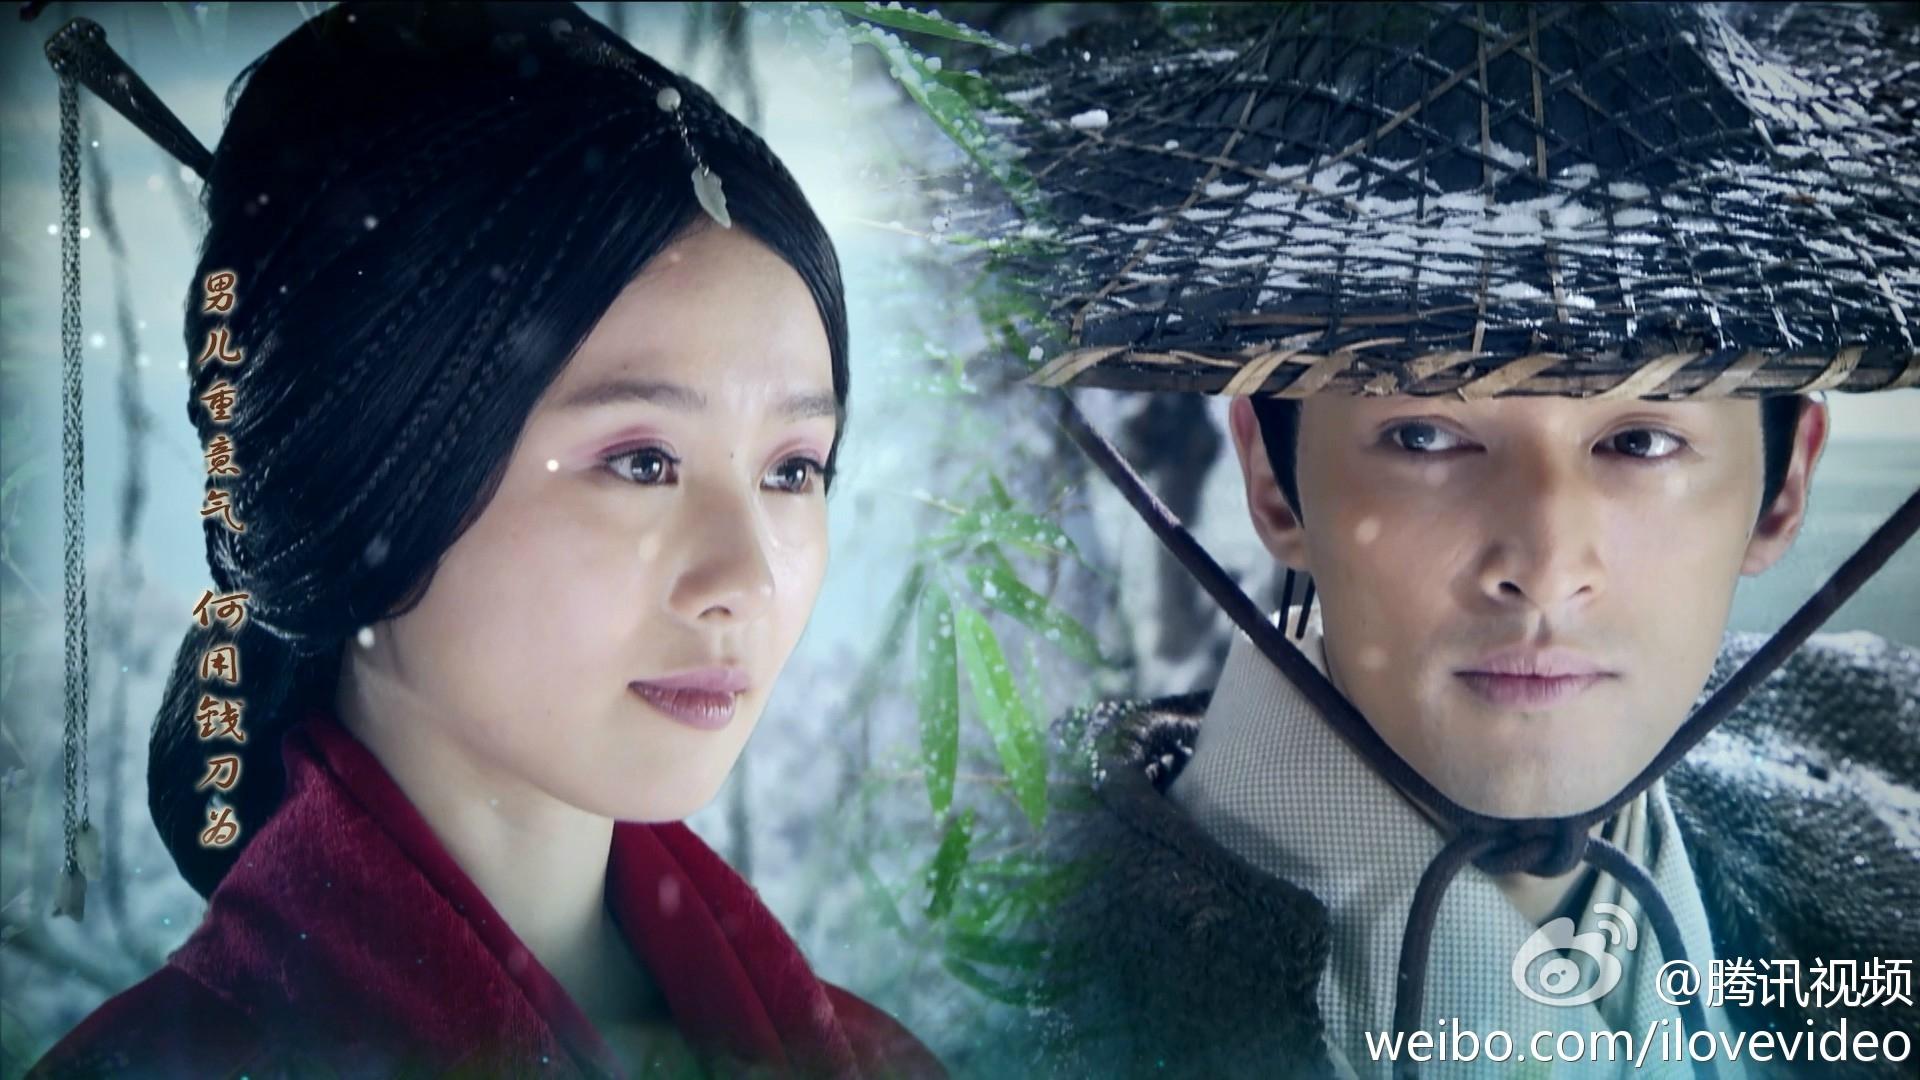 Phim bị 'cấm chiếu' của Lưu Thi Thi và Hồ Ca chính thức được lên sóng